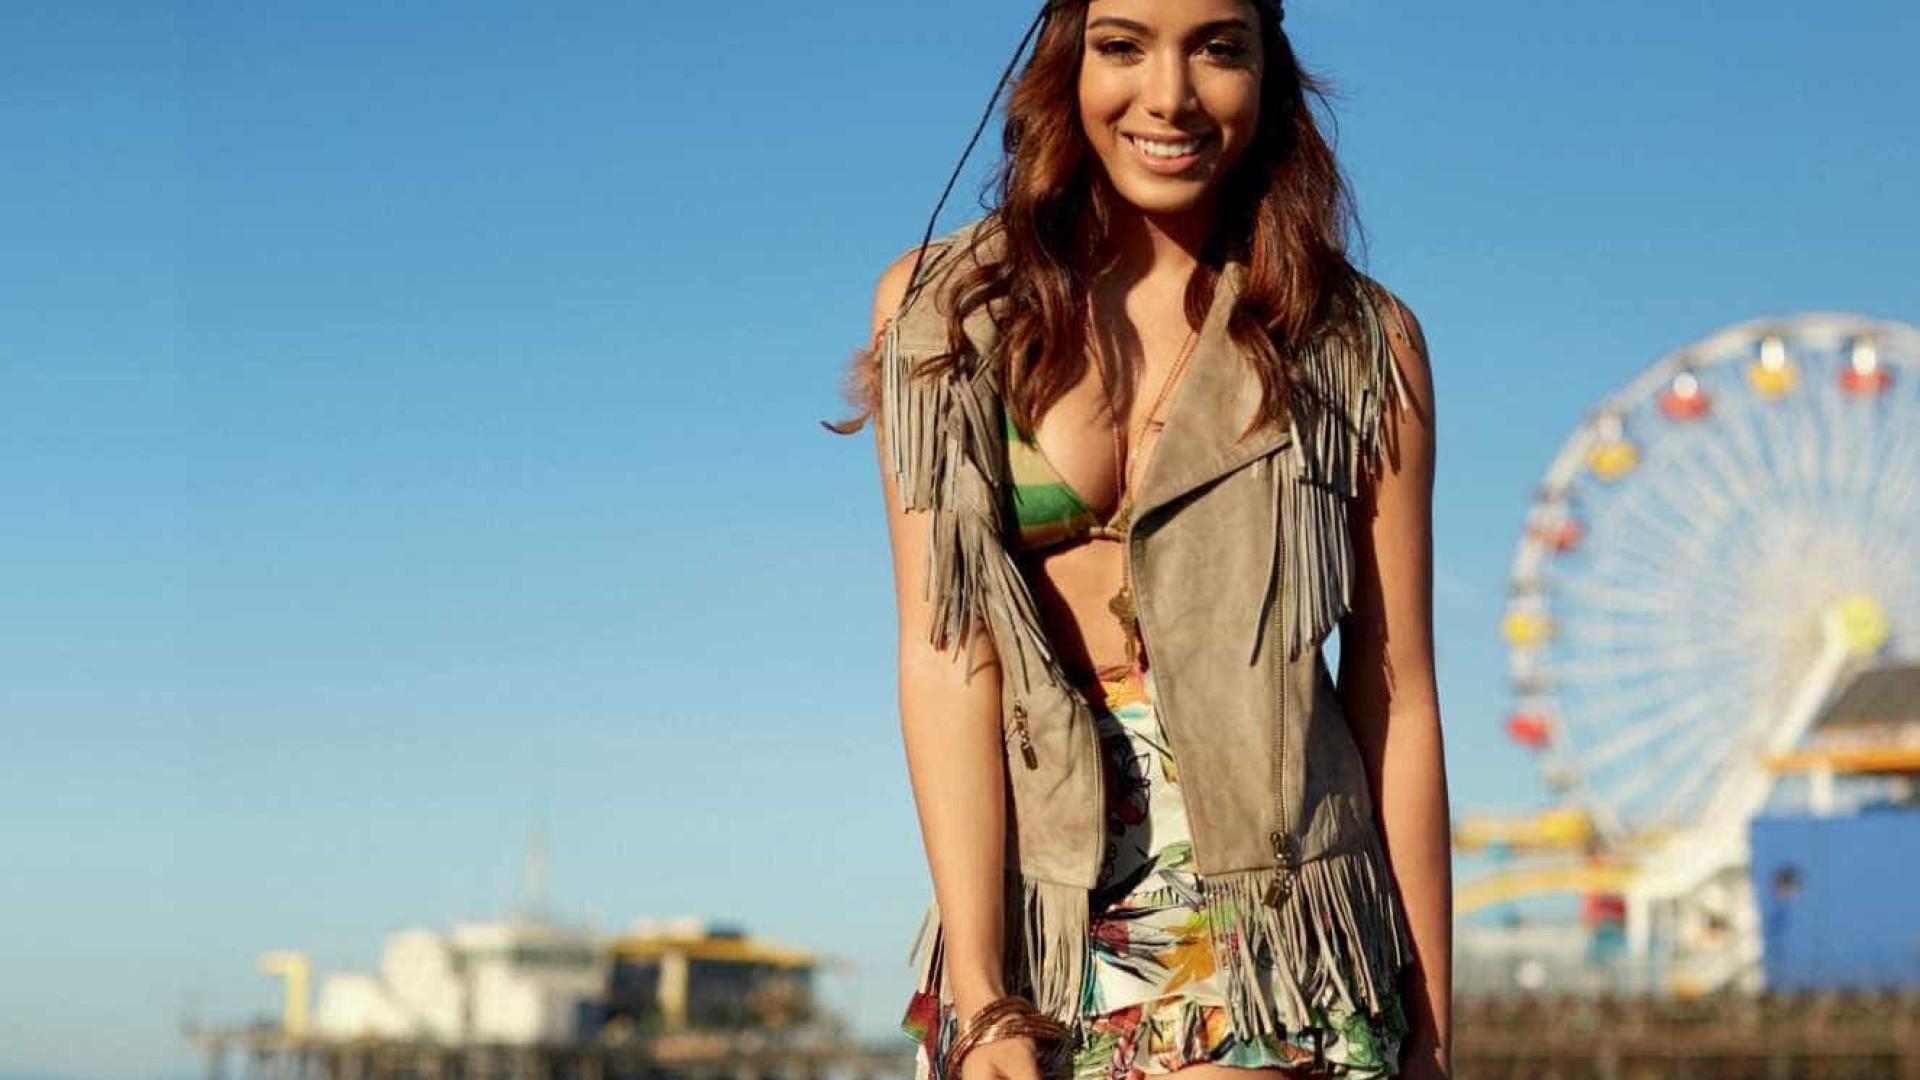 Anitta é eleita como 'nova sensação' da música por revista americana